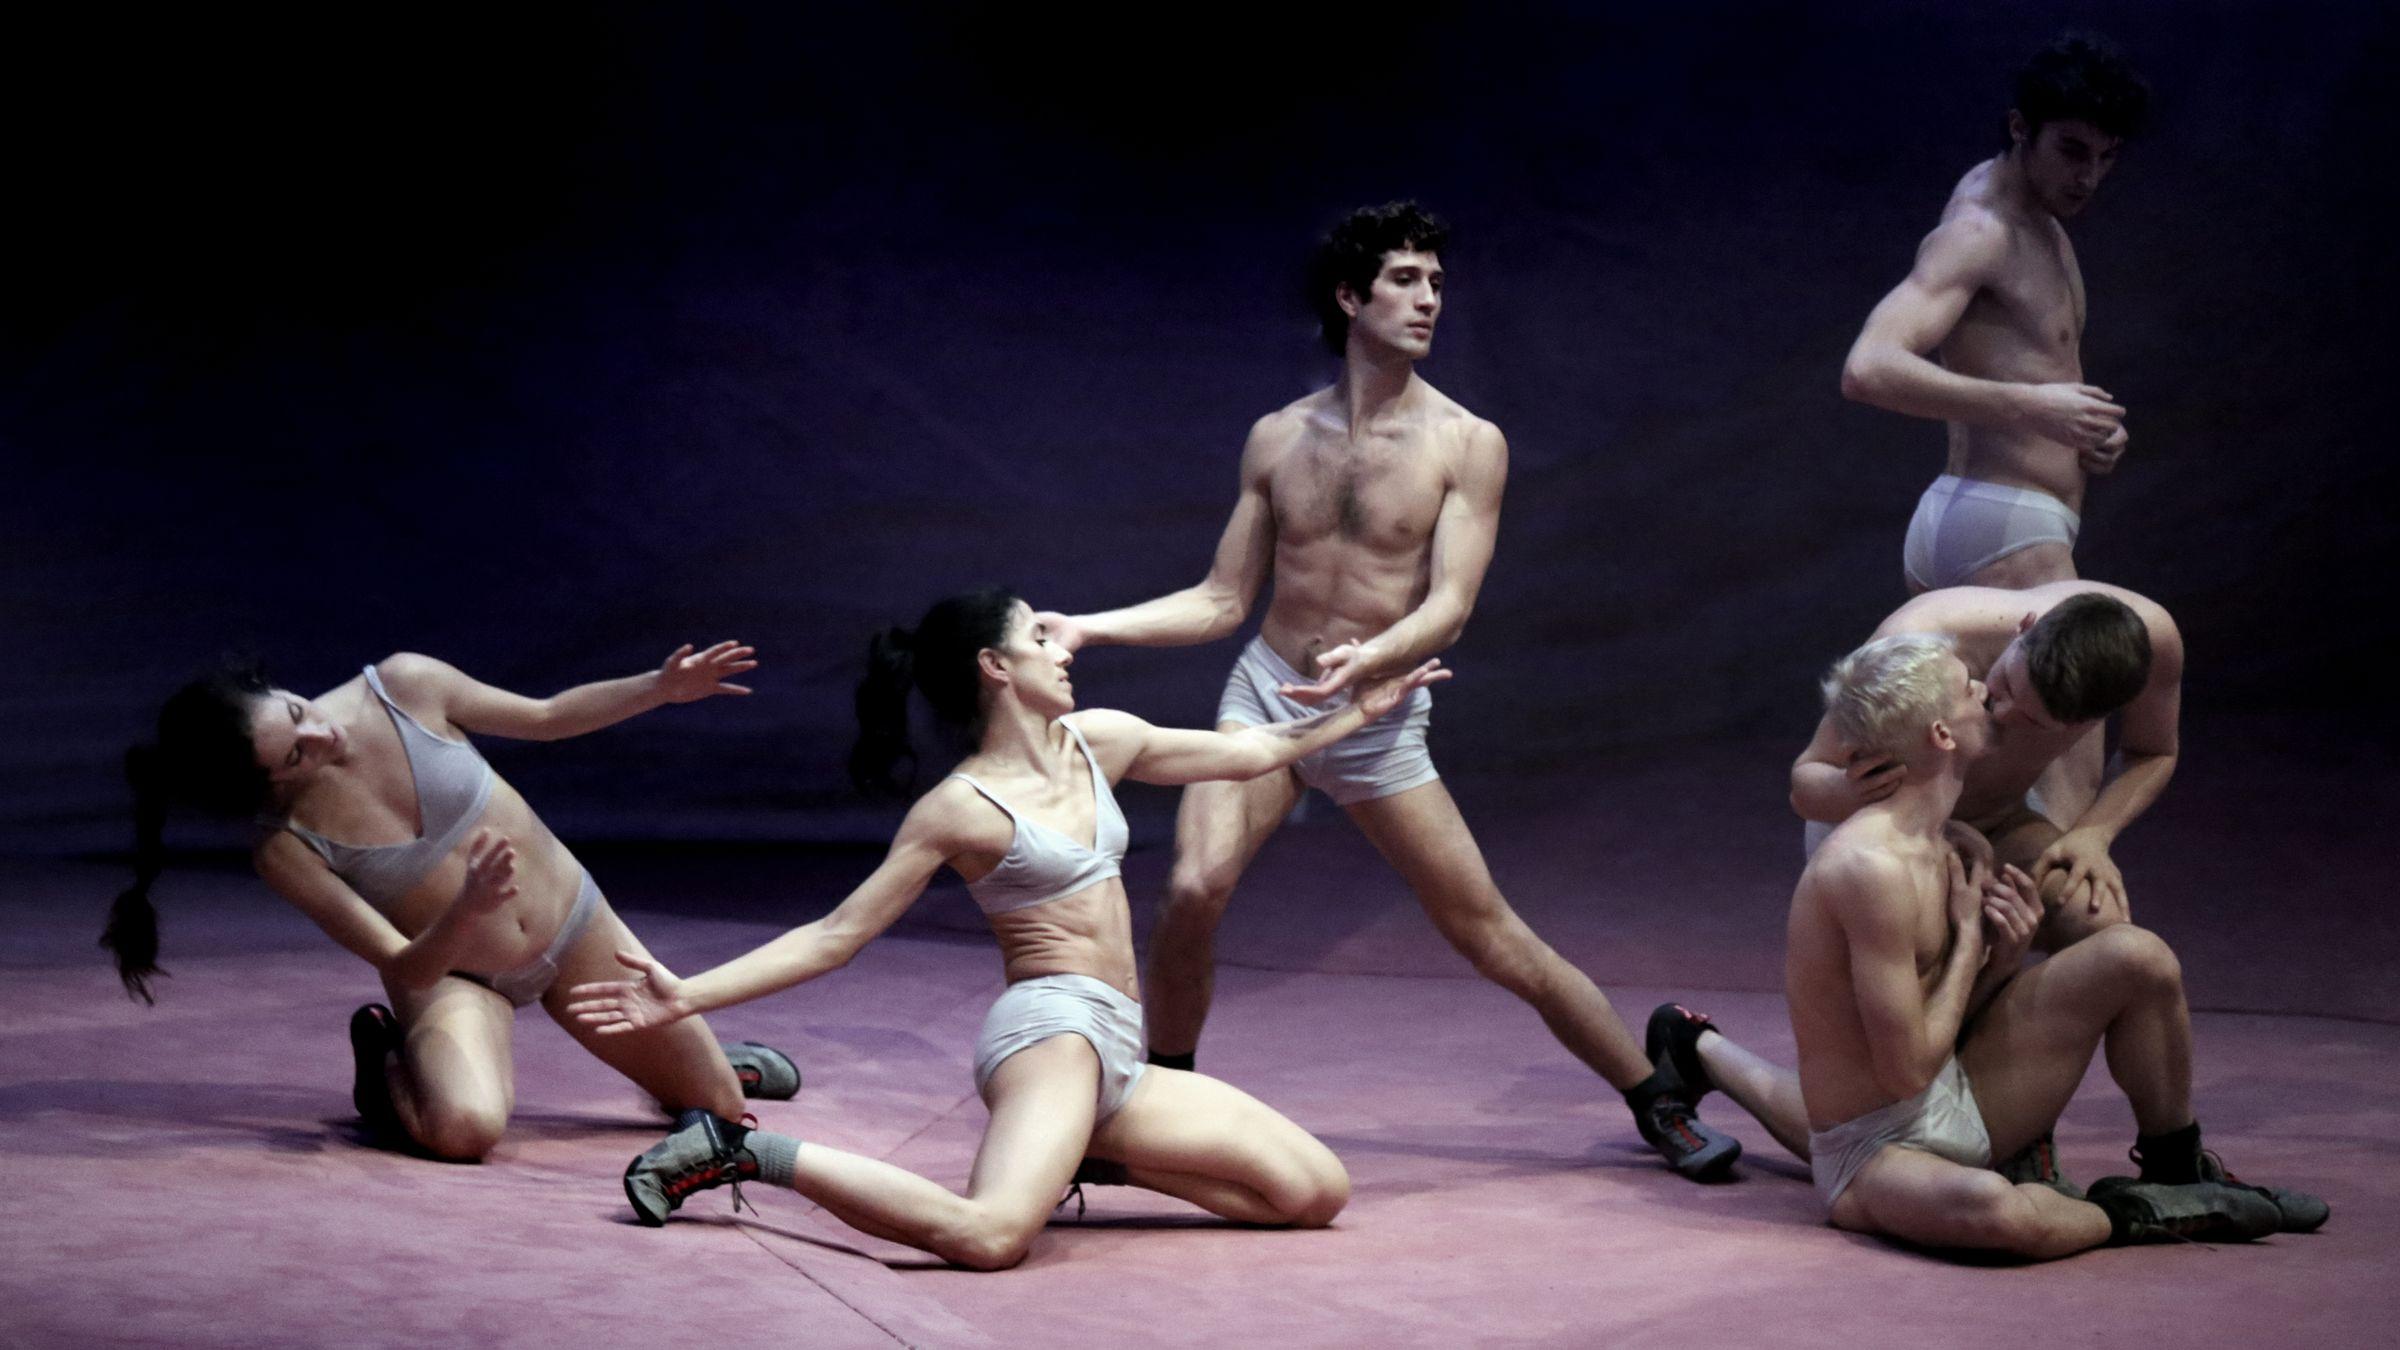 Kor?sia estrena en los Teatros del Canal su visión del mito balletístico